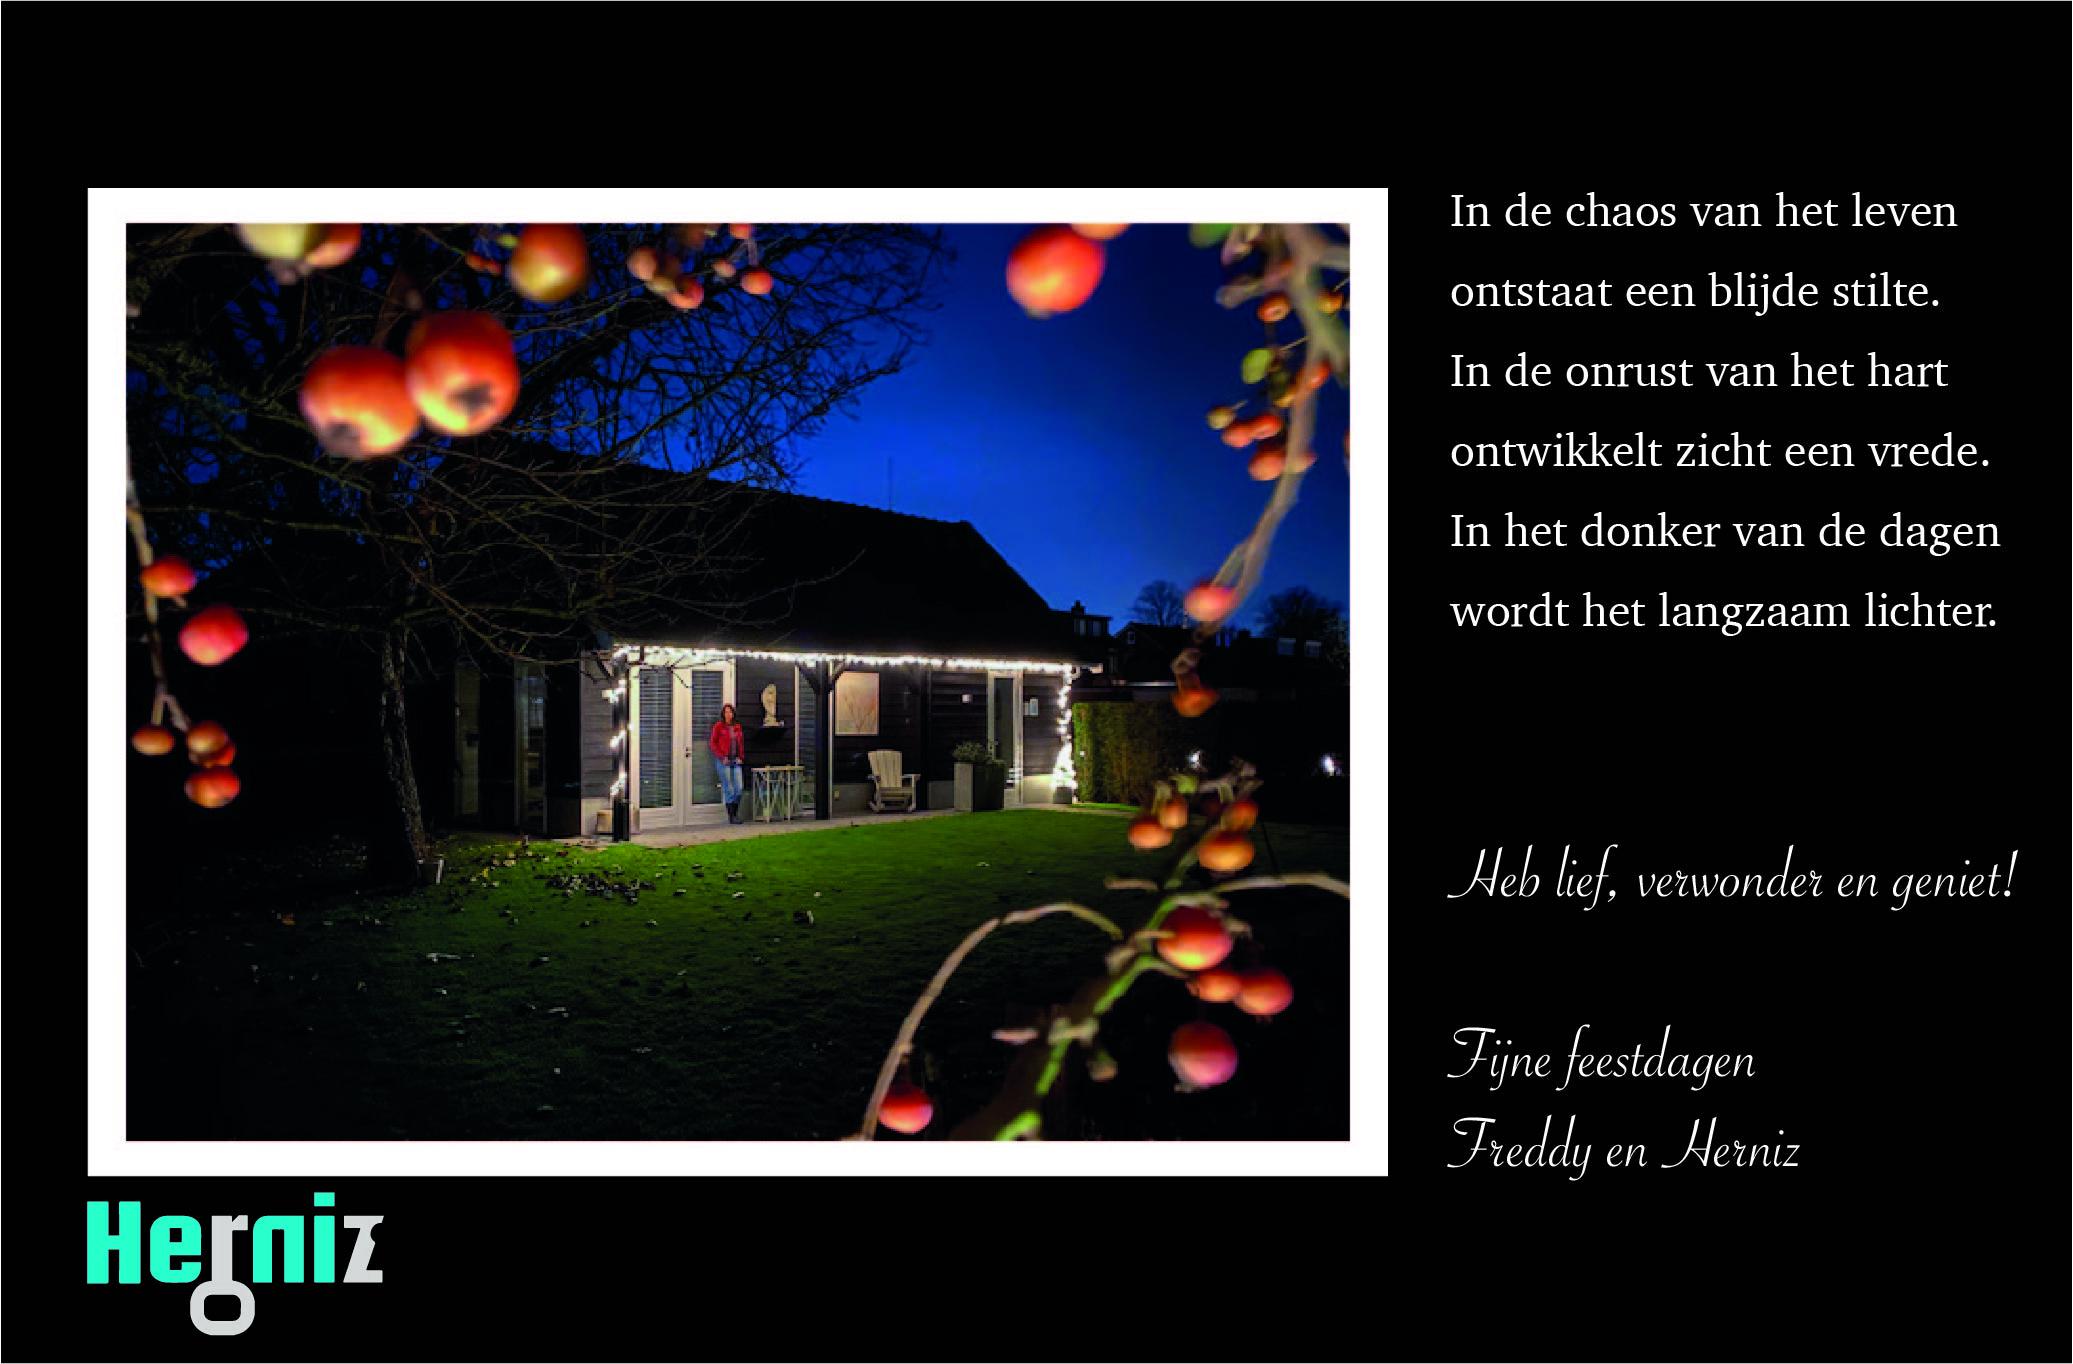 Nieuws December 2020 Stilte-Vrede-Licht!